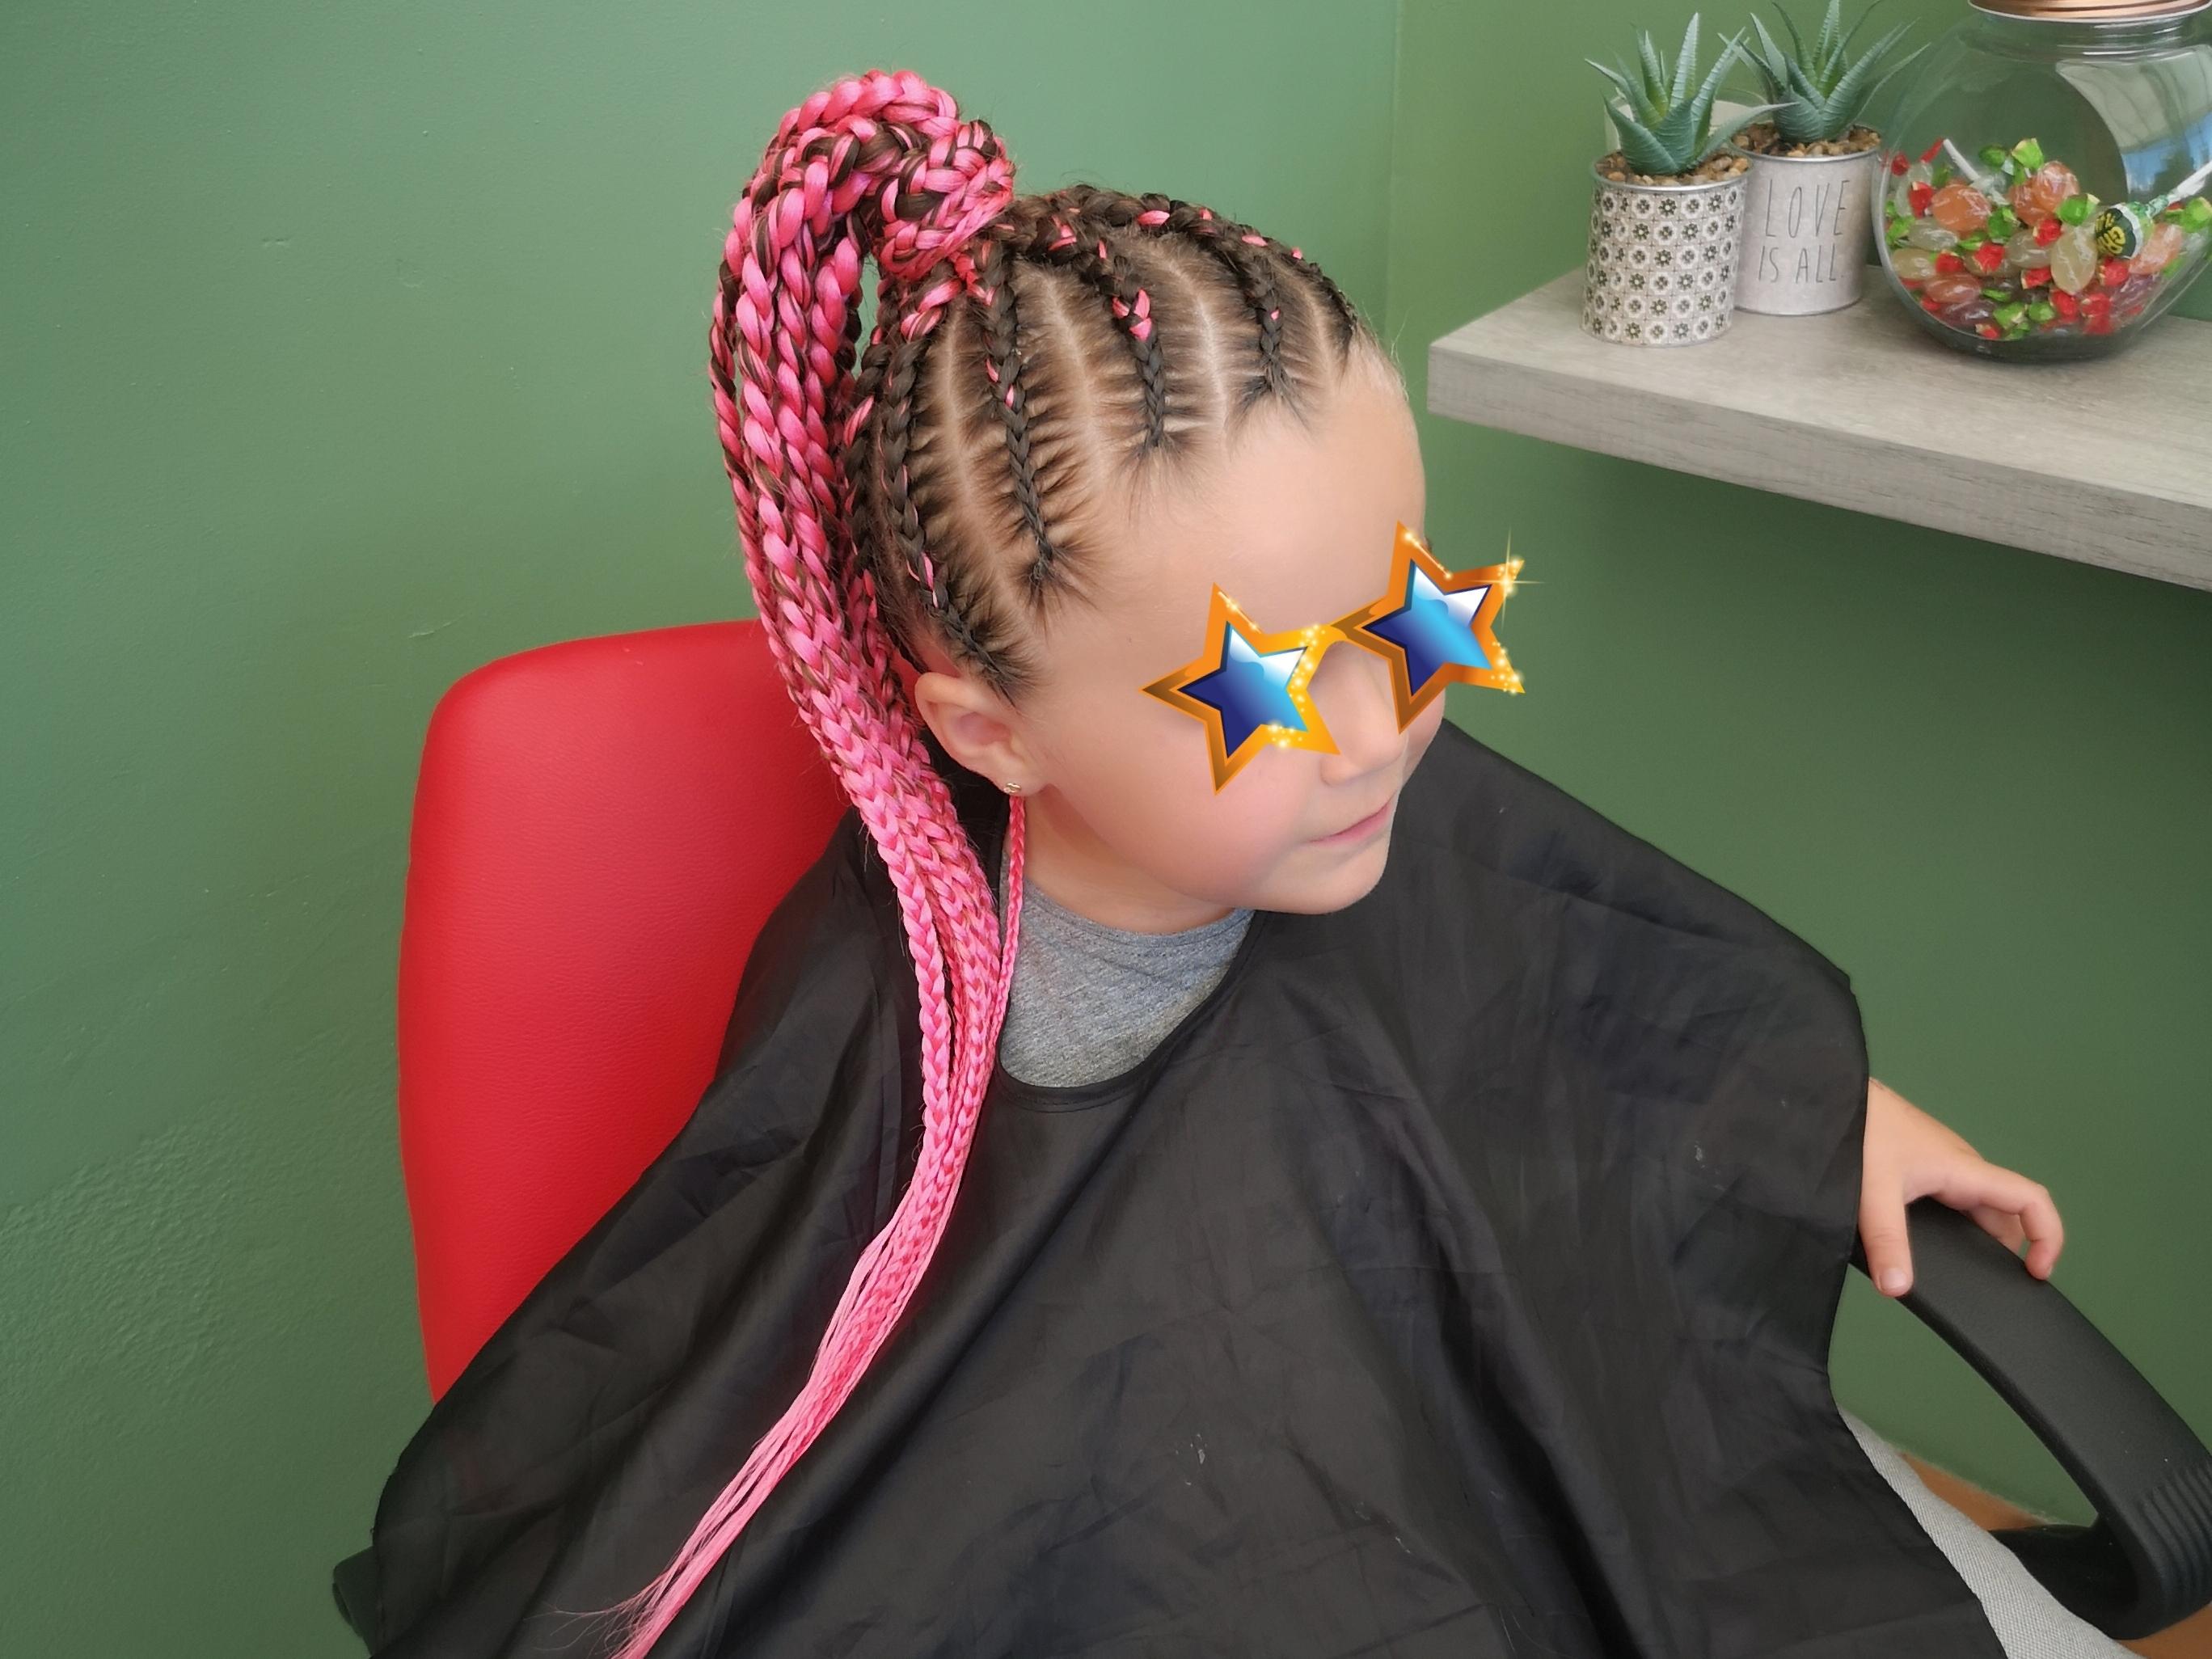 salon de coiffure afro tresse tresses box braids crochet braids vanilles tissages paris 75 77 78 91 92 93 94 95 ICZAELWN